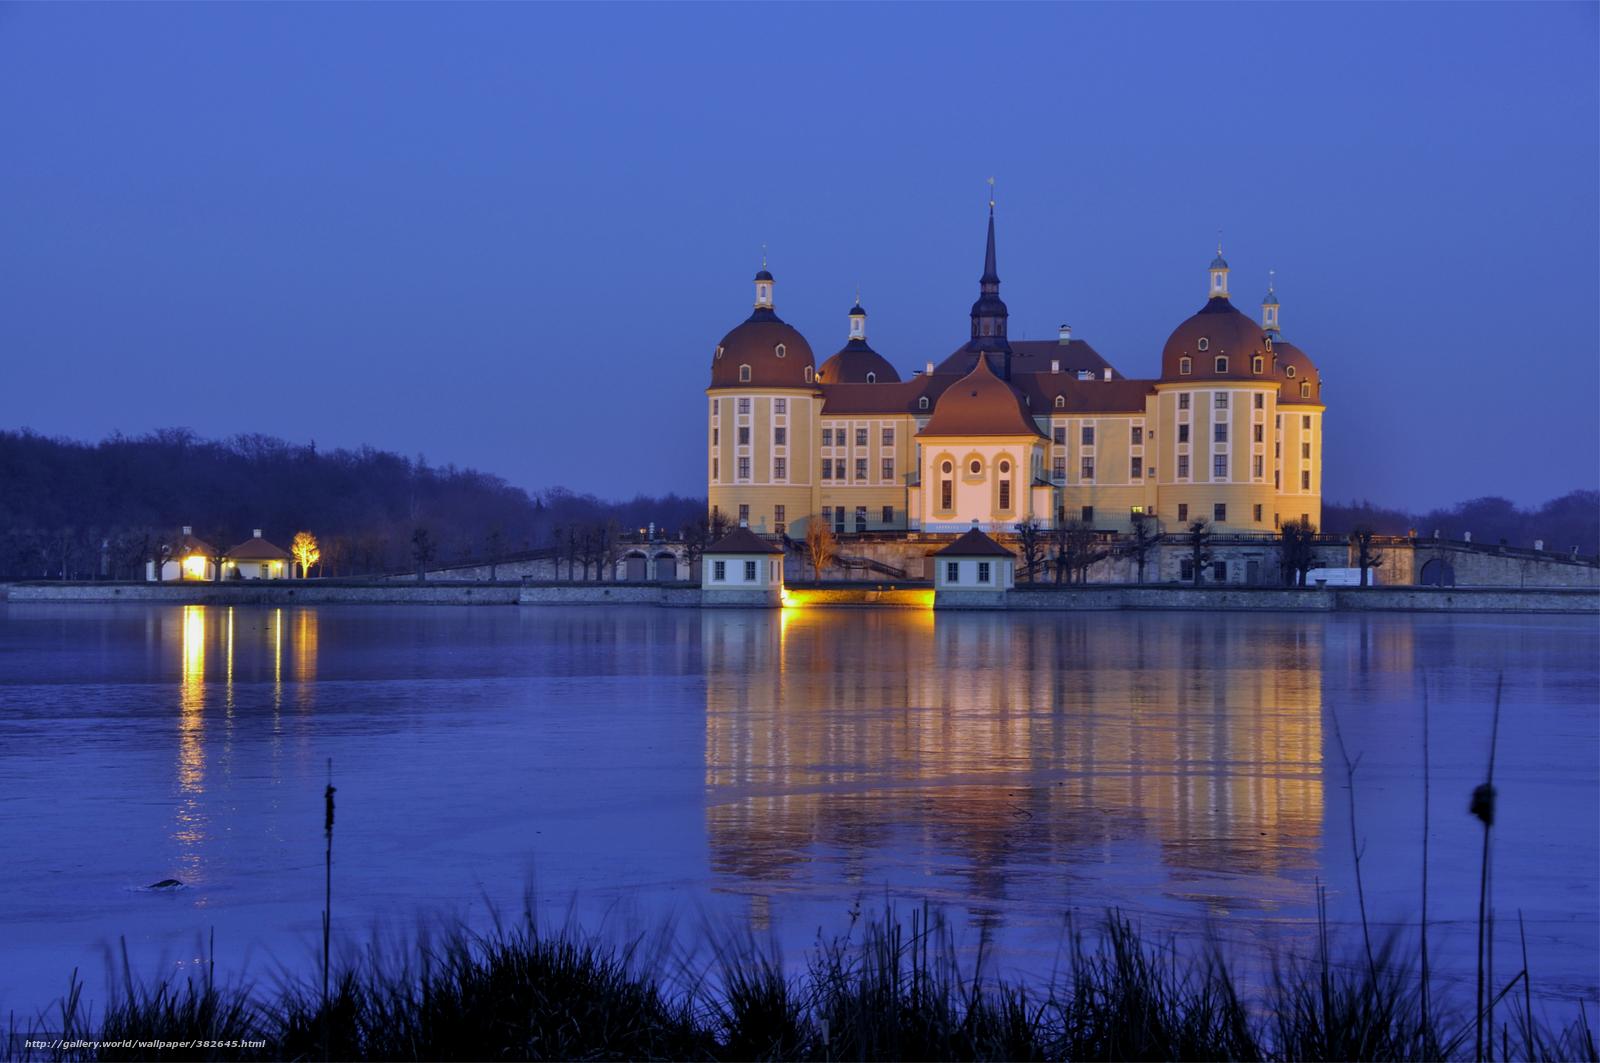 Скачать обои Германия,  Саксония,  Морицбург,  замок бесплатно для рабочего стола в разрешении 4000x2657 — картинка №382645